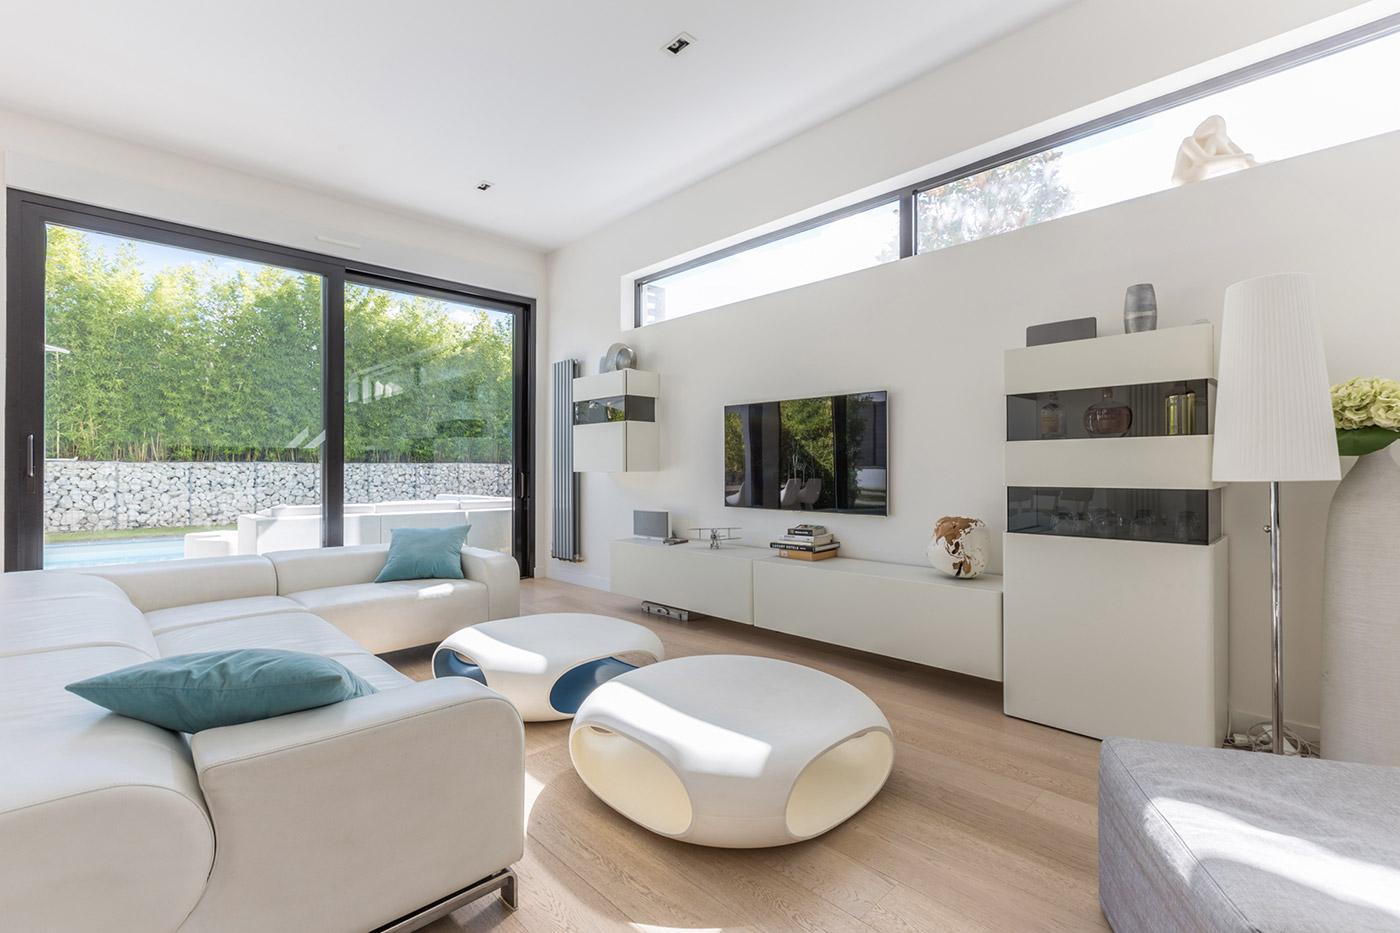 Interieur Maison Moderne Architecte architecture épurée et design minimaliste pour une maison